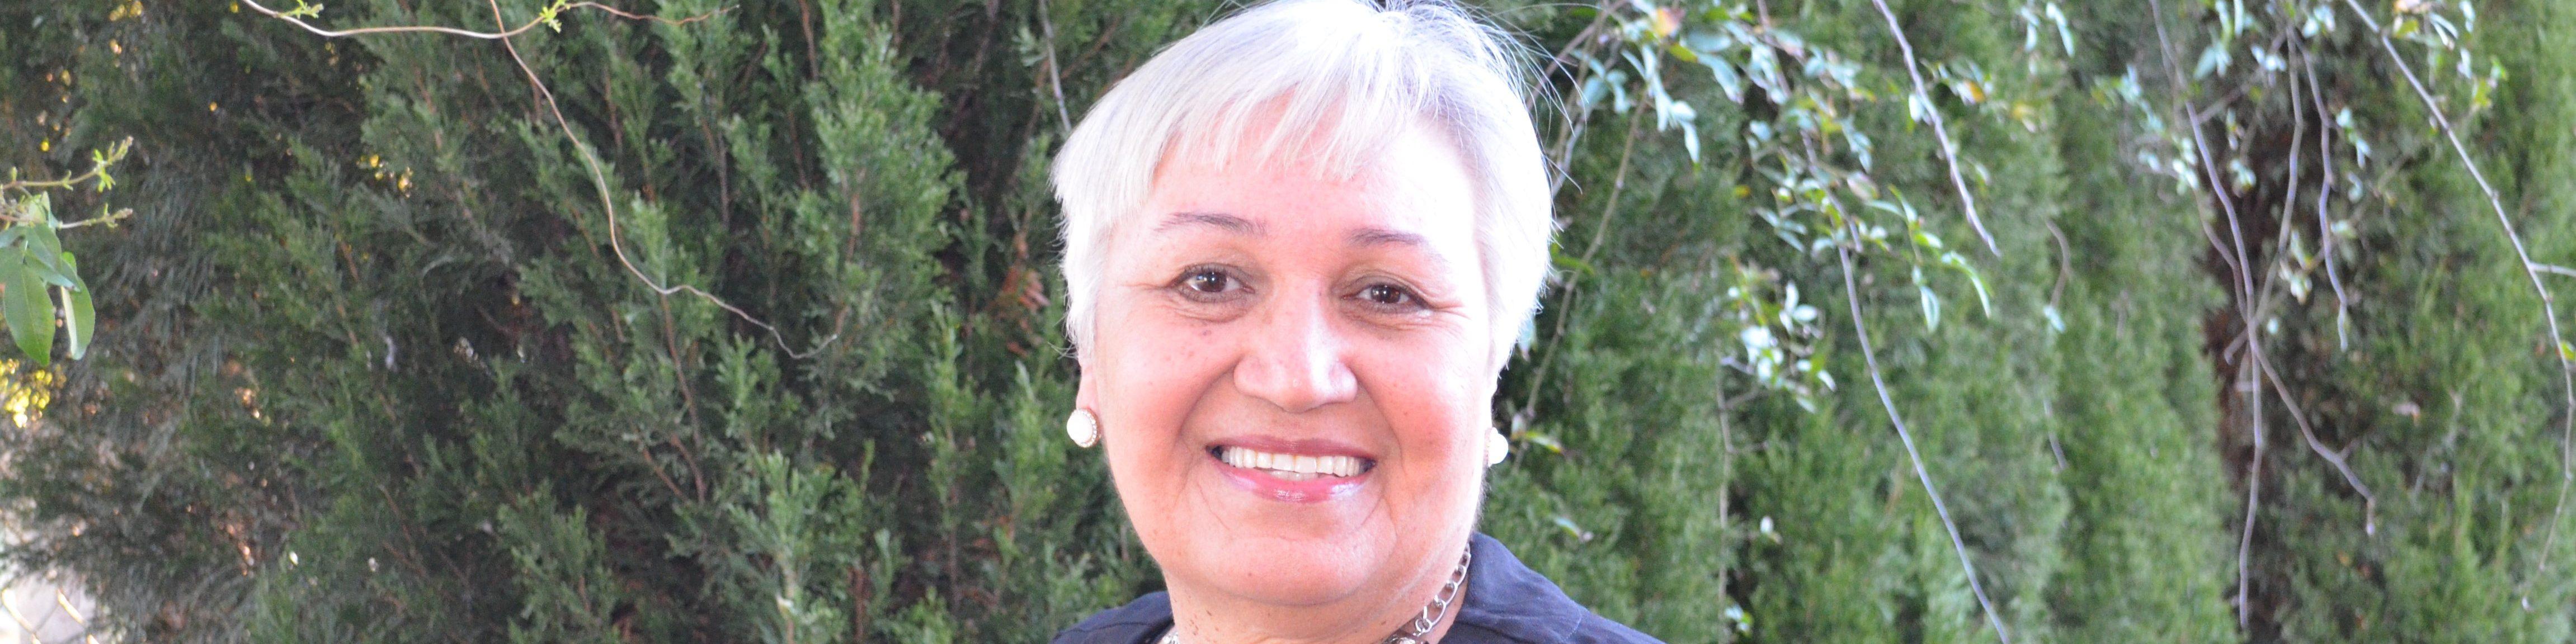 Beryl Crosher-Segers